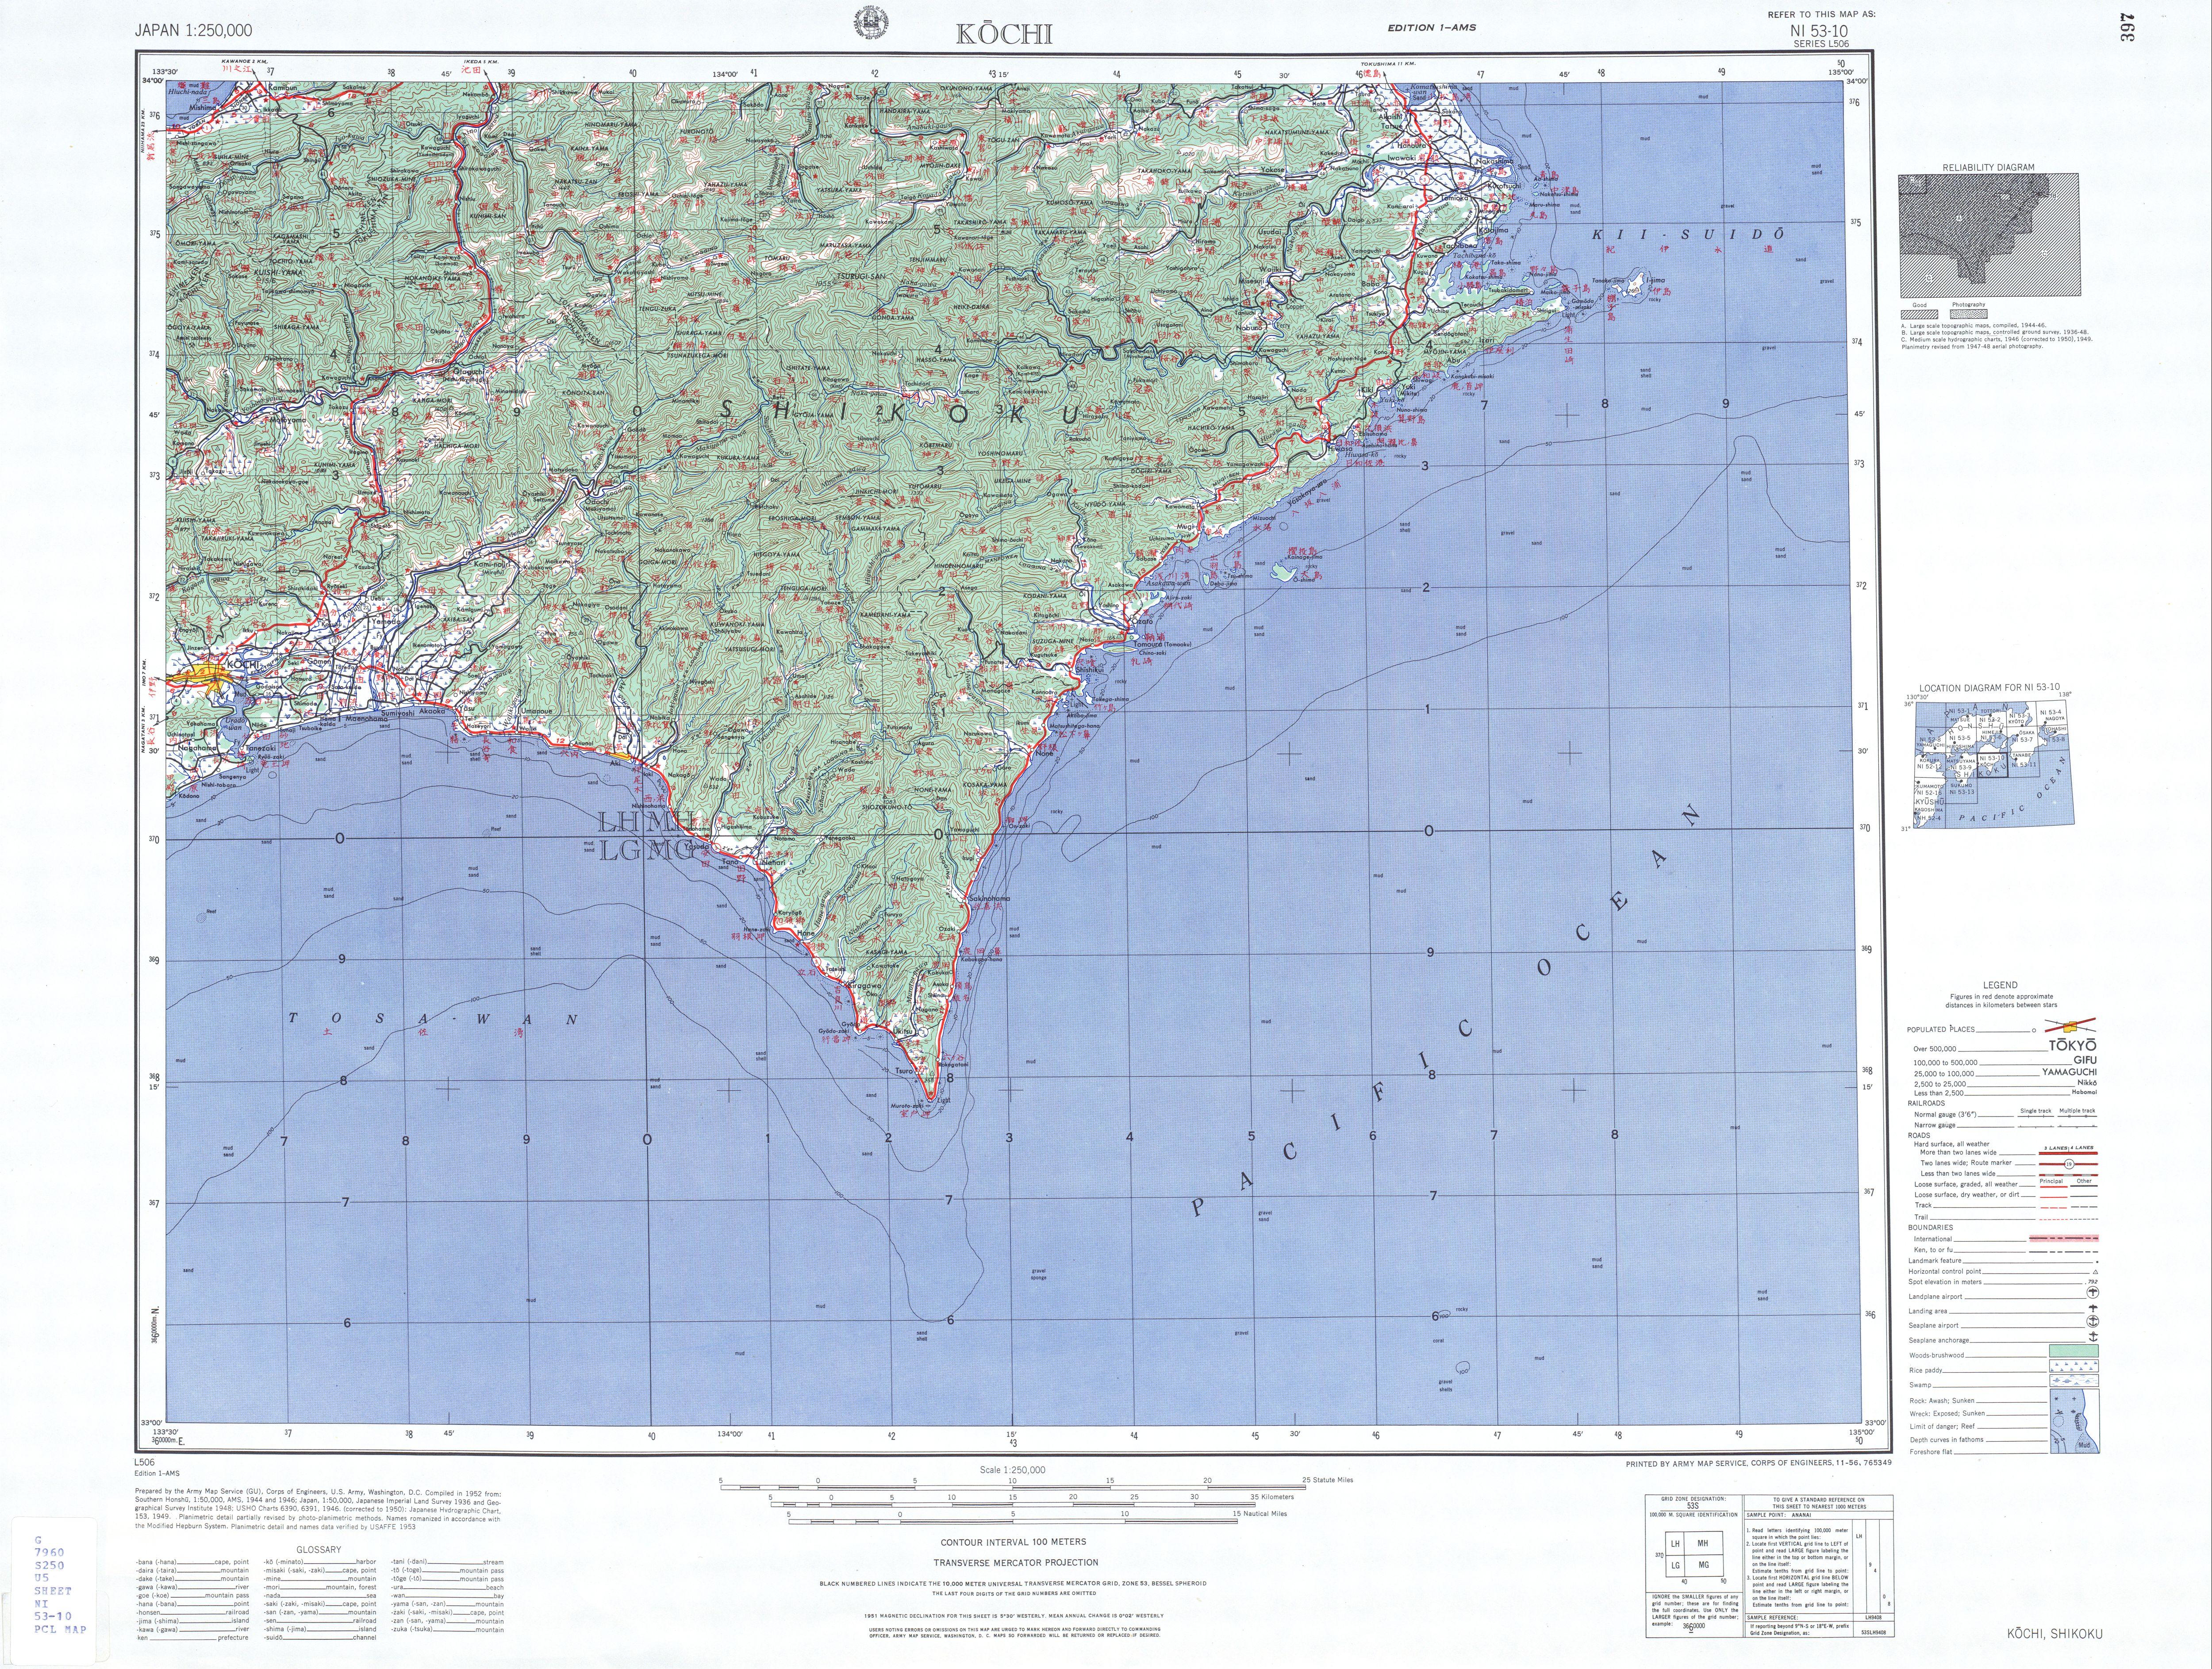 Hoja Kochi del Mapa Topográfico de Japón 1954